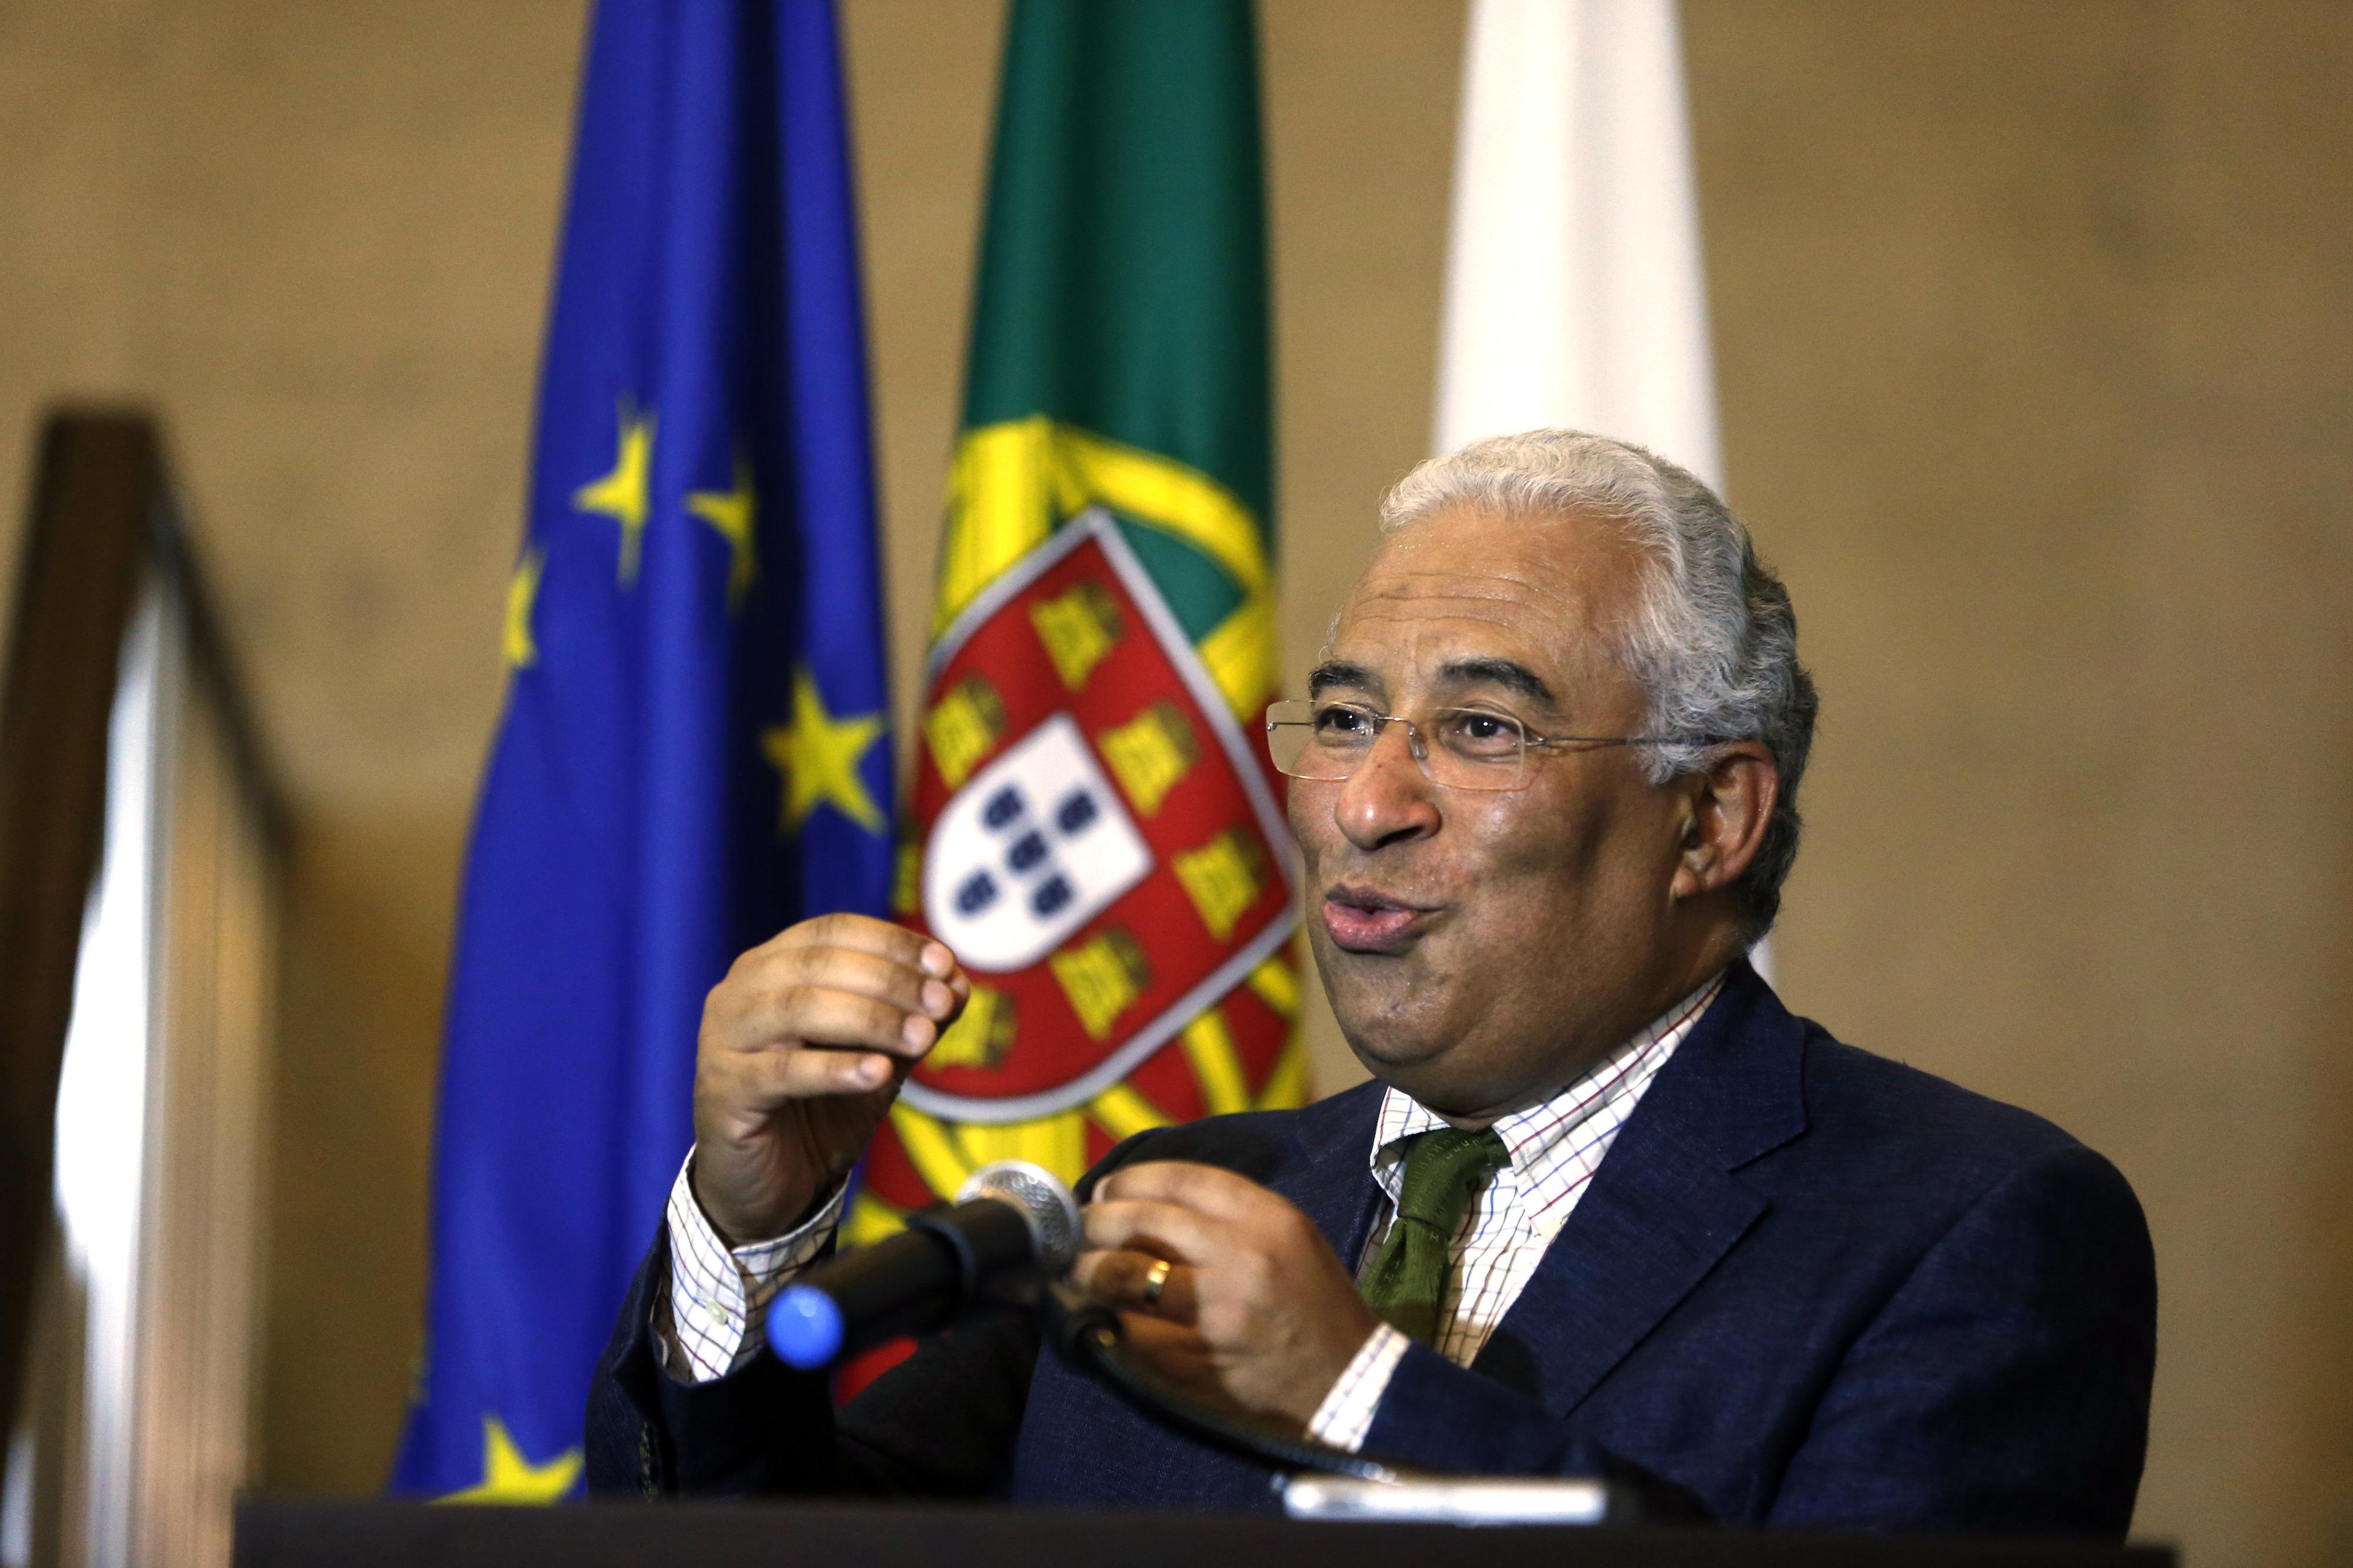 Costa remete polémica das declarações de rendimentos para gestores da CGD e Tribunal Constitucional